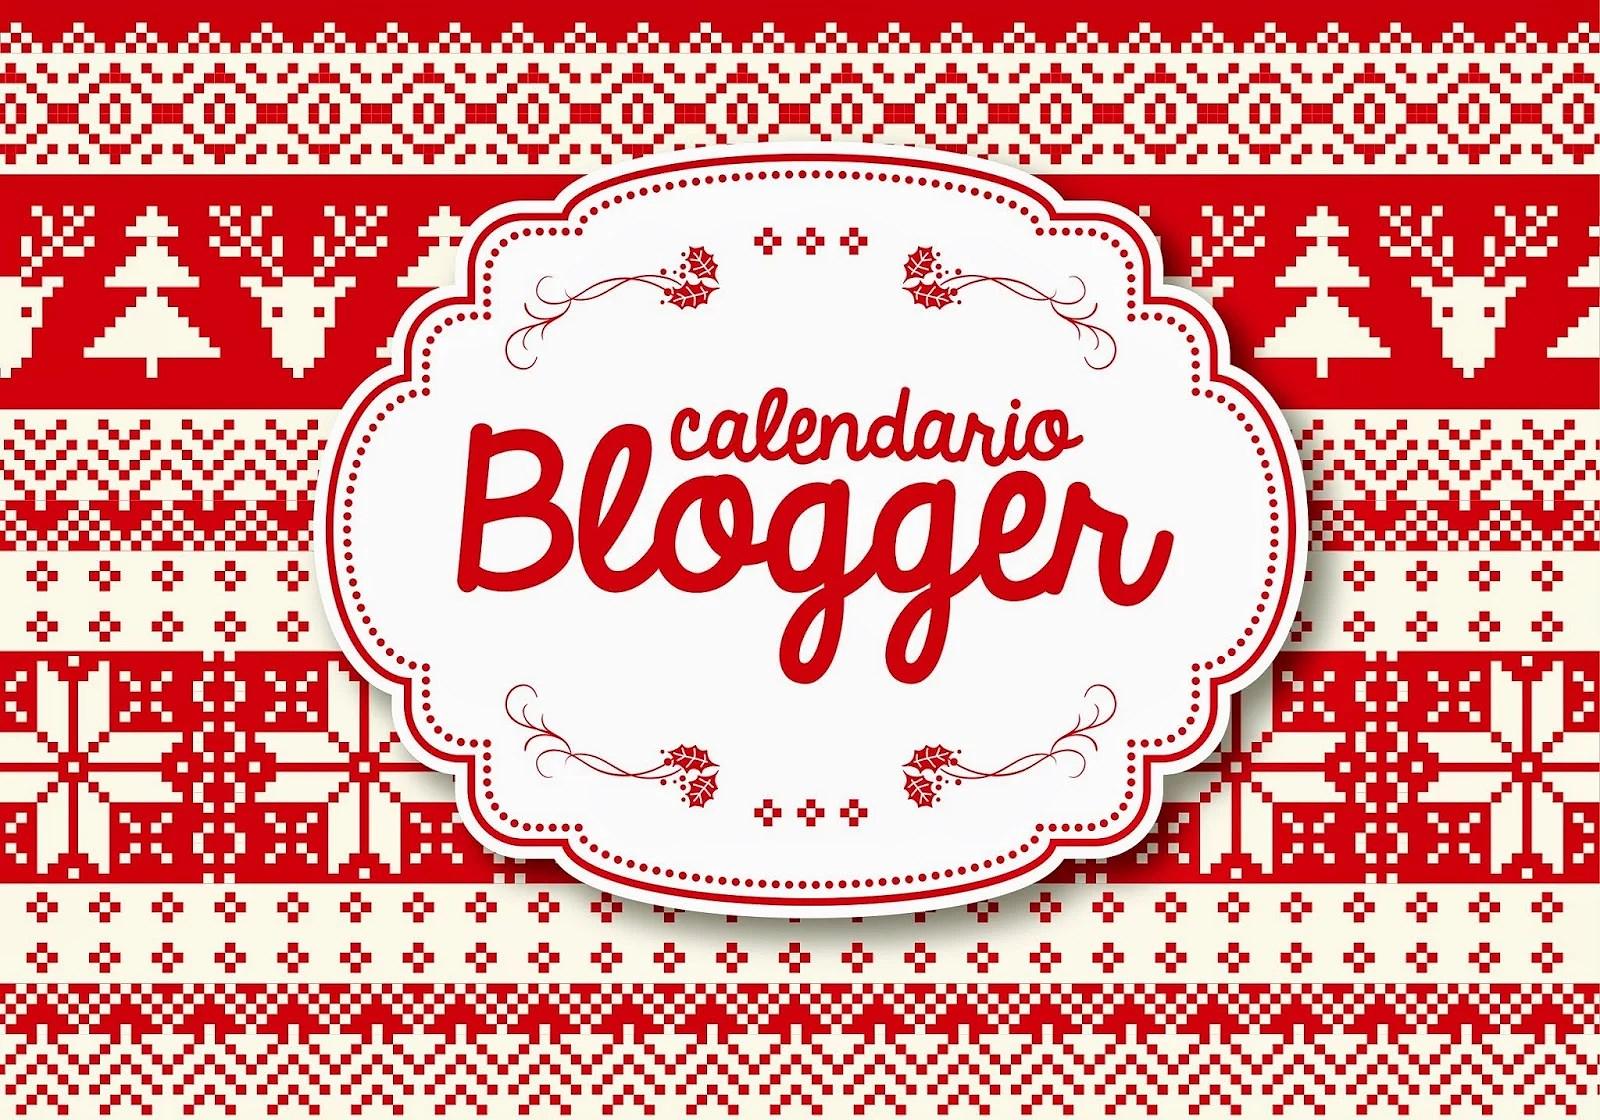 Calendario Blogger